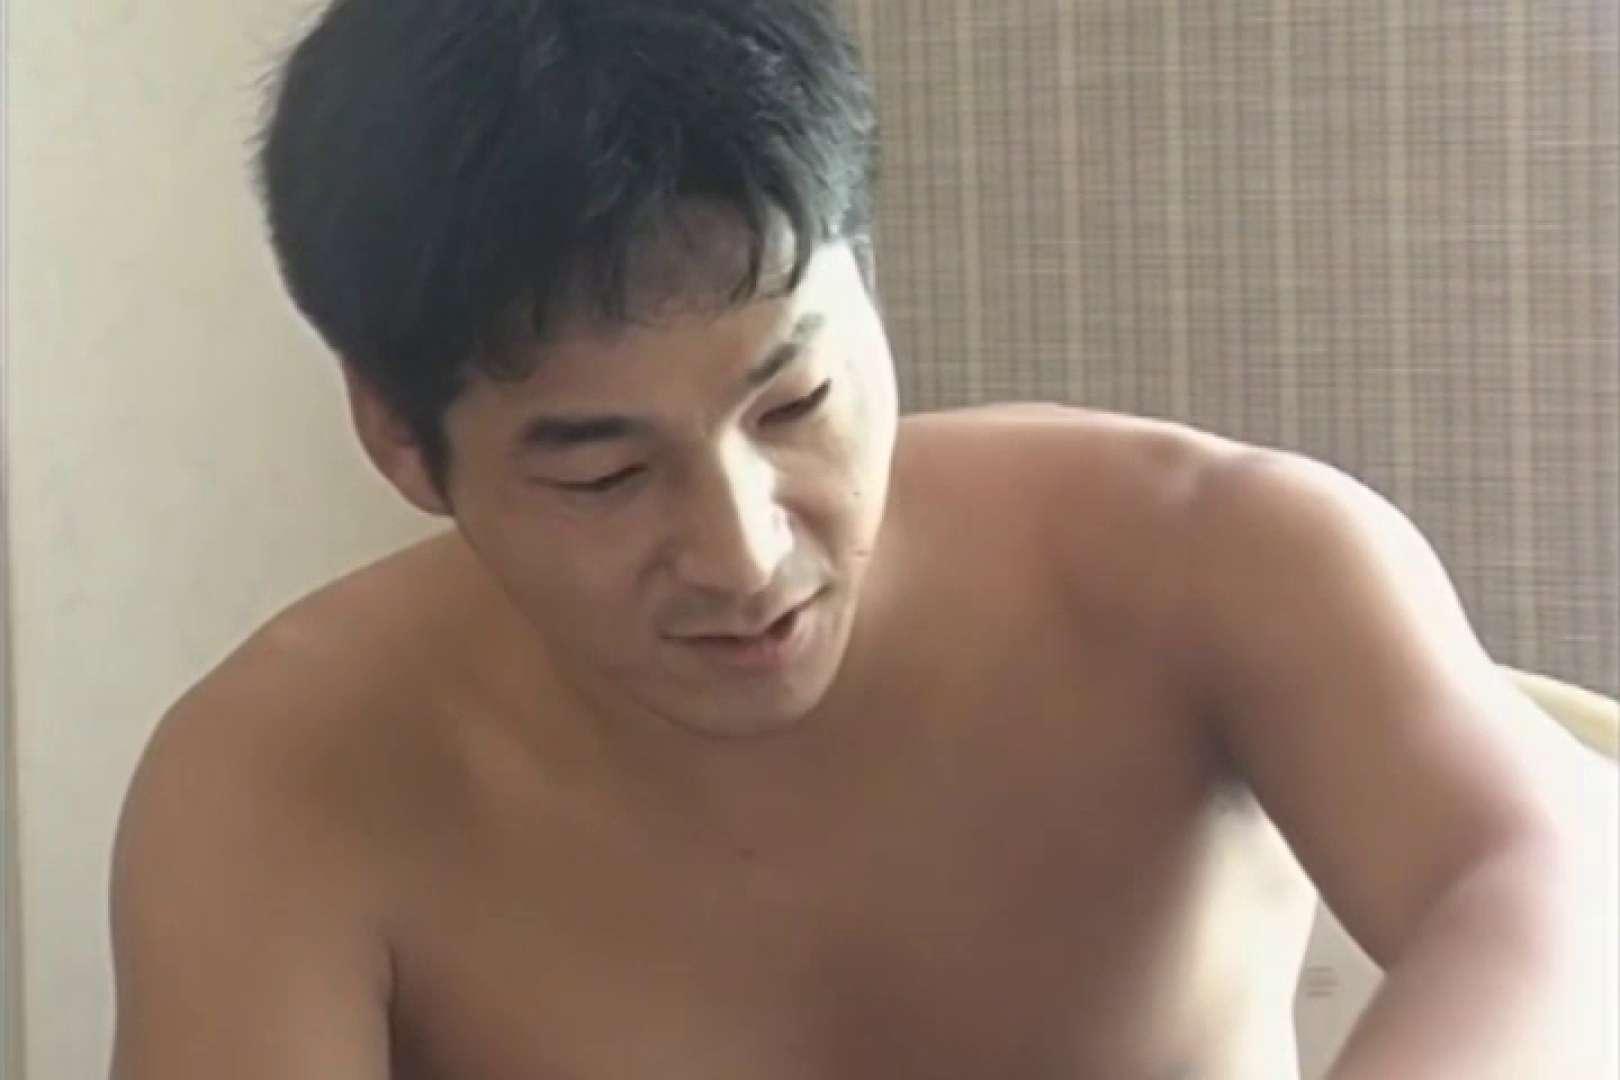 スポメン競パン部、真っ盛り!!Vol.02 ゲイのプレイ ゲイ精子画像 55枚 3